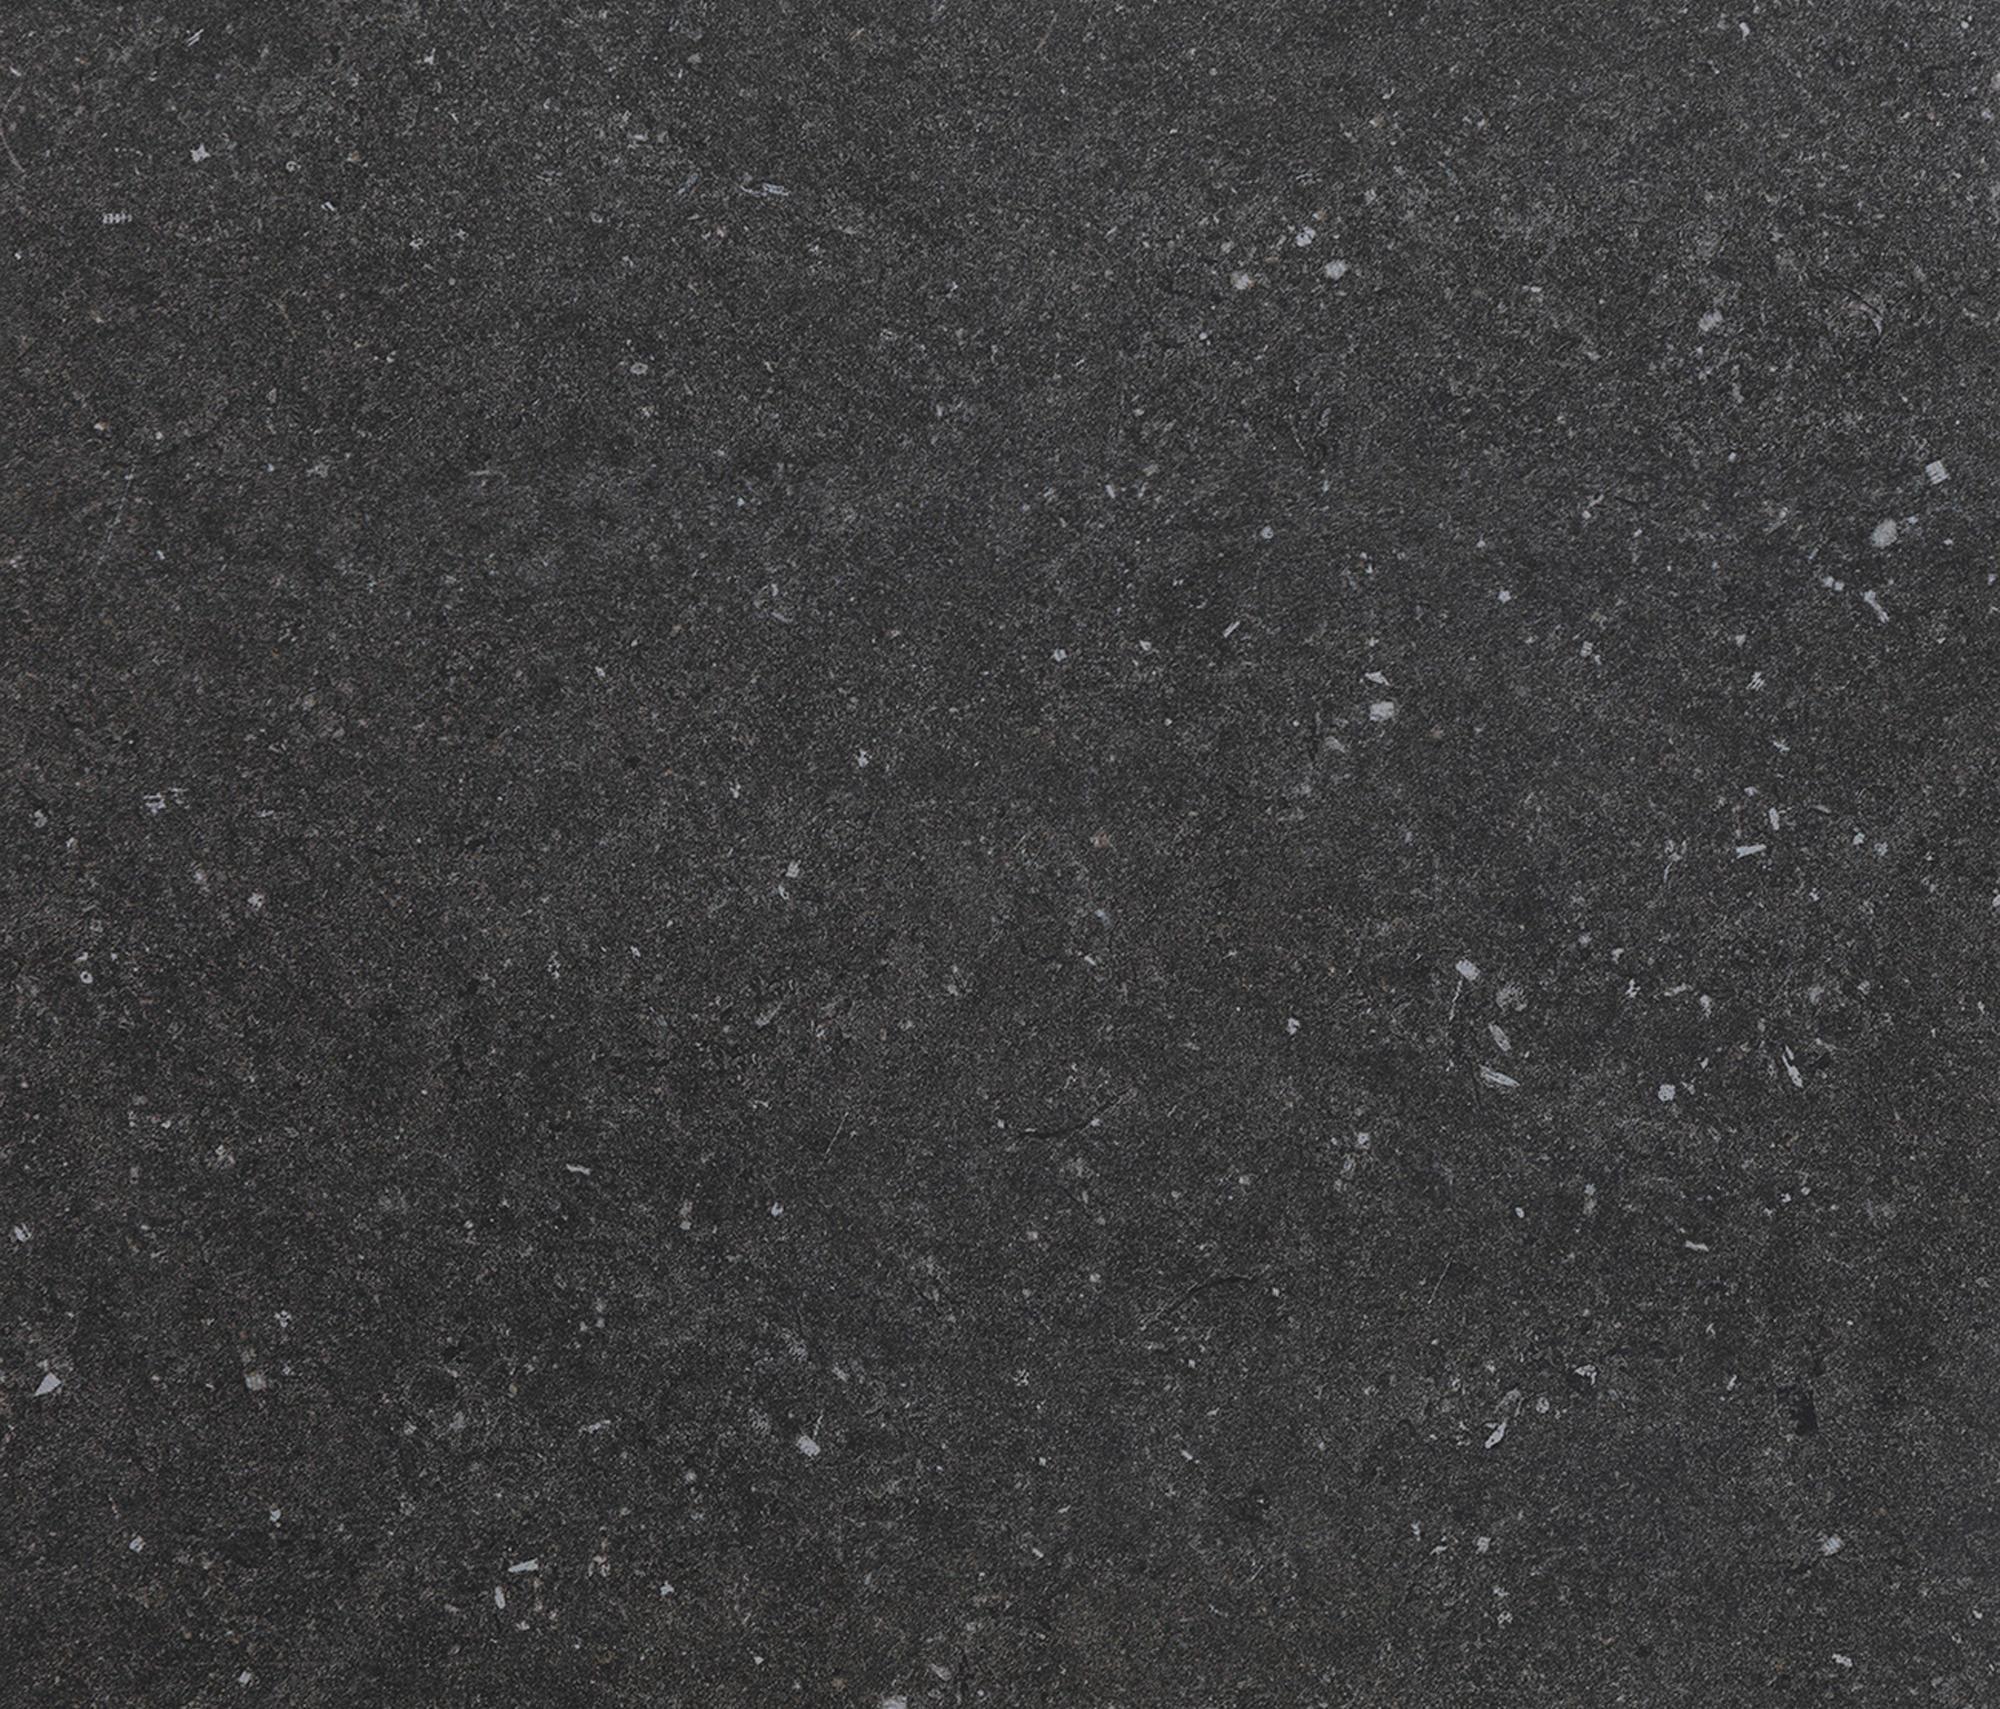 Cluny ardenne carrelage pour sol de cotto d 39 este for Carrelage cotto d este prix